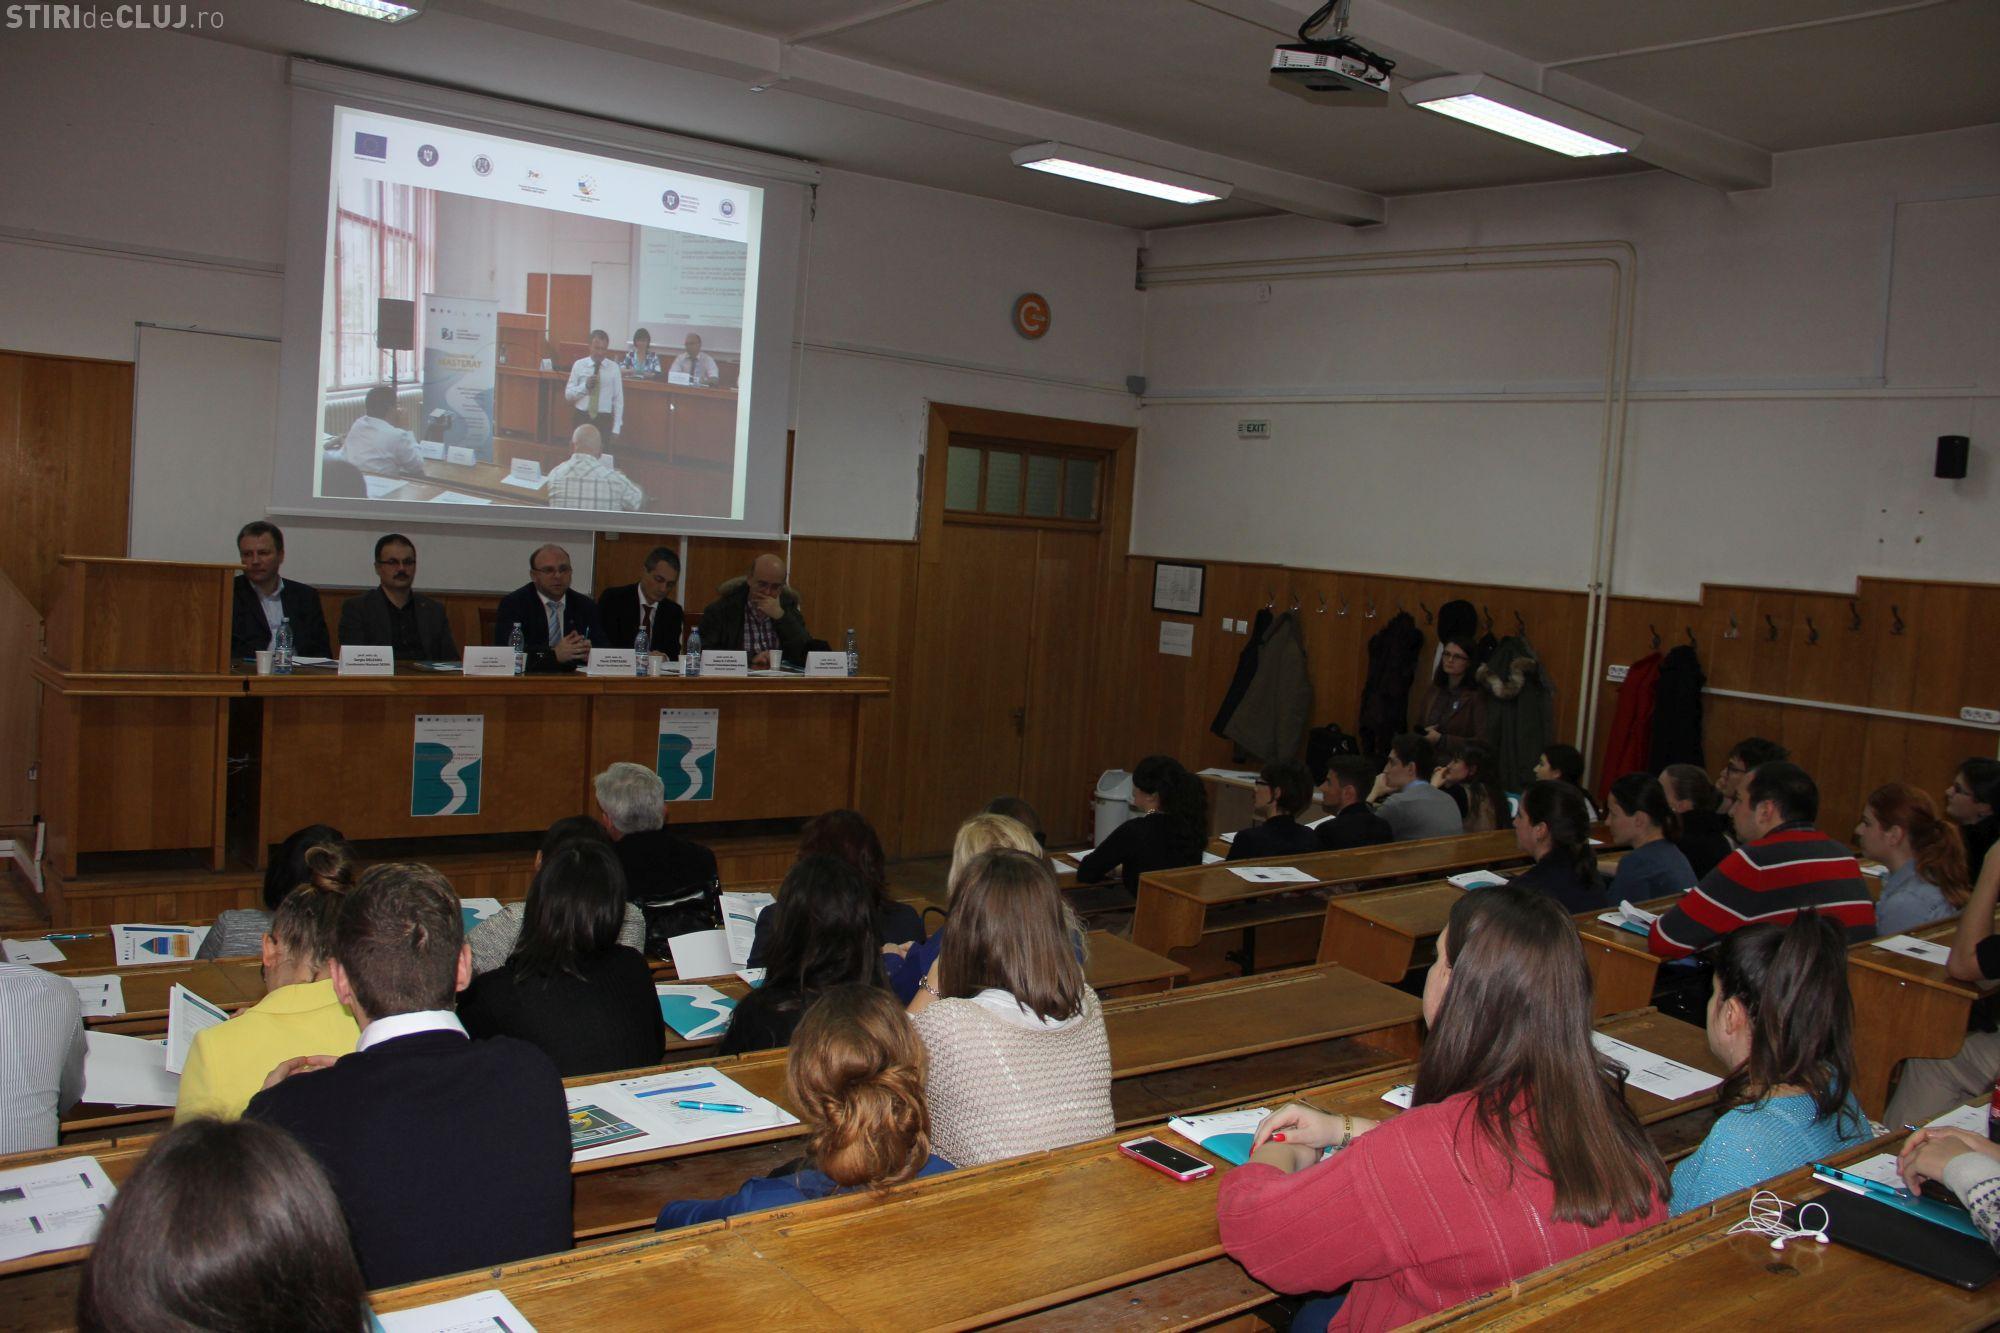 Masterate îmbunătățite la Facultatea de Drept din cadrul UBB Cluj, din fonduri europene - FOTO